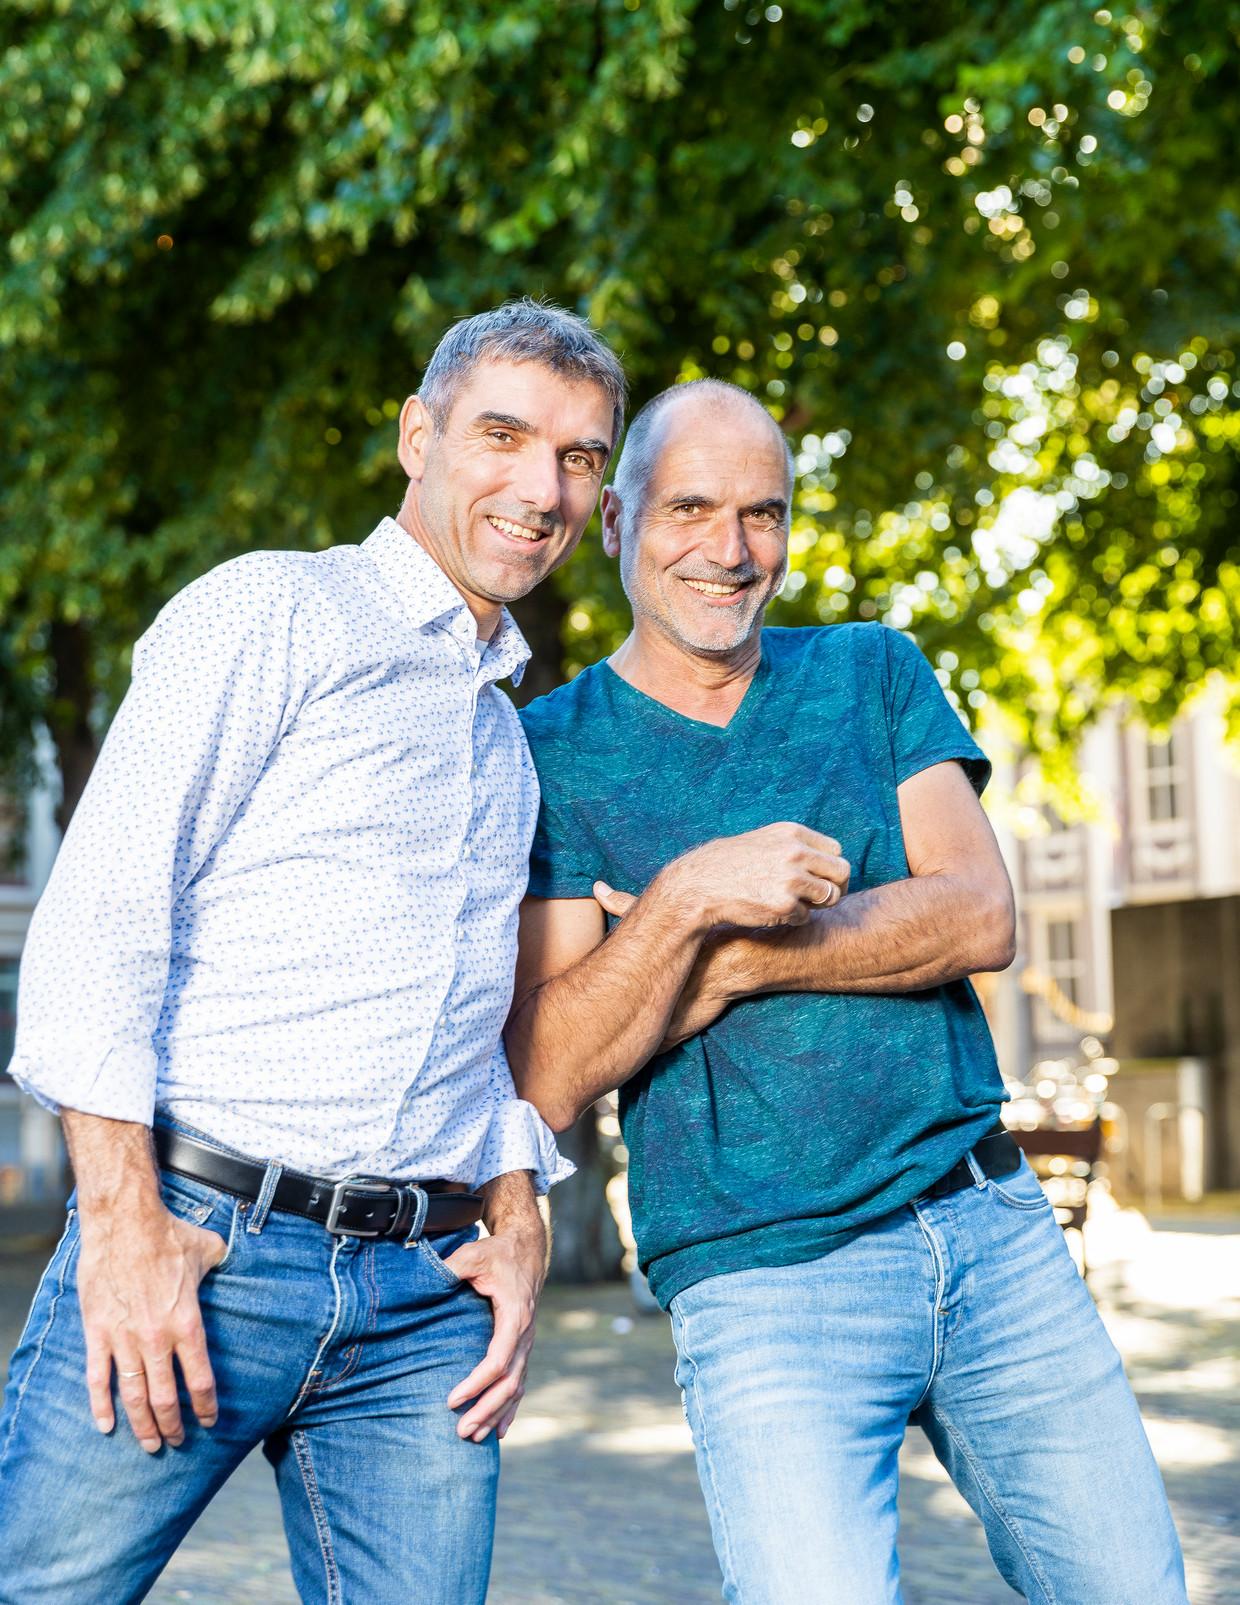 De broers Paul (links) en Leo Blokhuis, domineeszoons. Paul: 'In de journalistiek en de politiek probeer je met een verhaal mensen enthousiast te krijgen.' Leo: 'En dat hebben we van onze vader.'